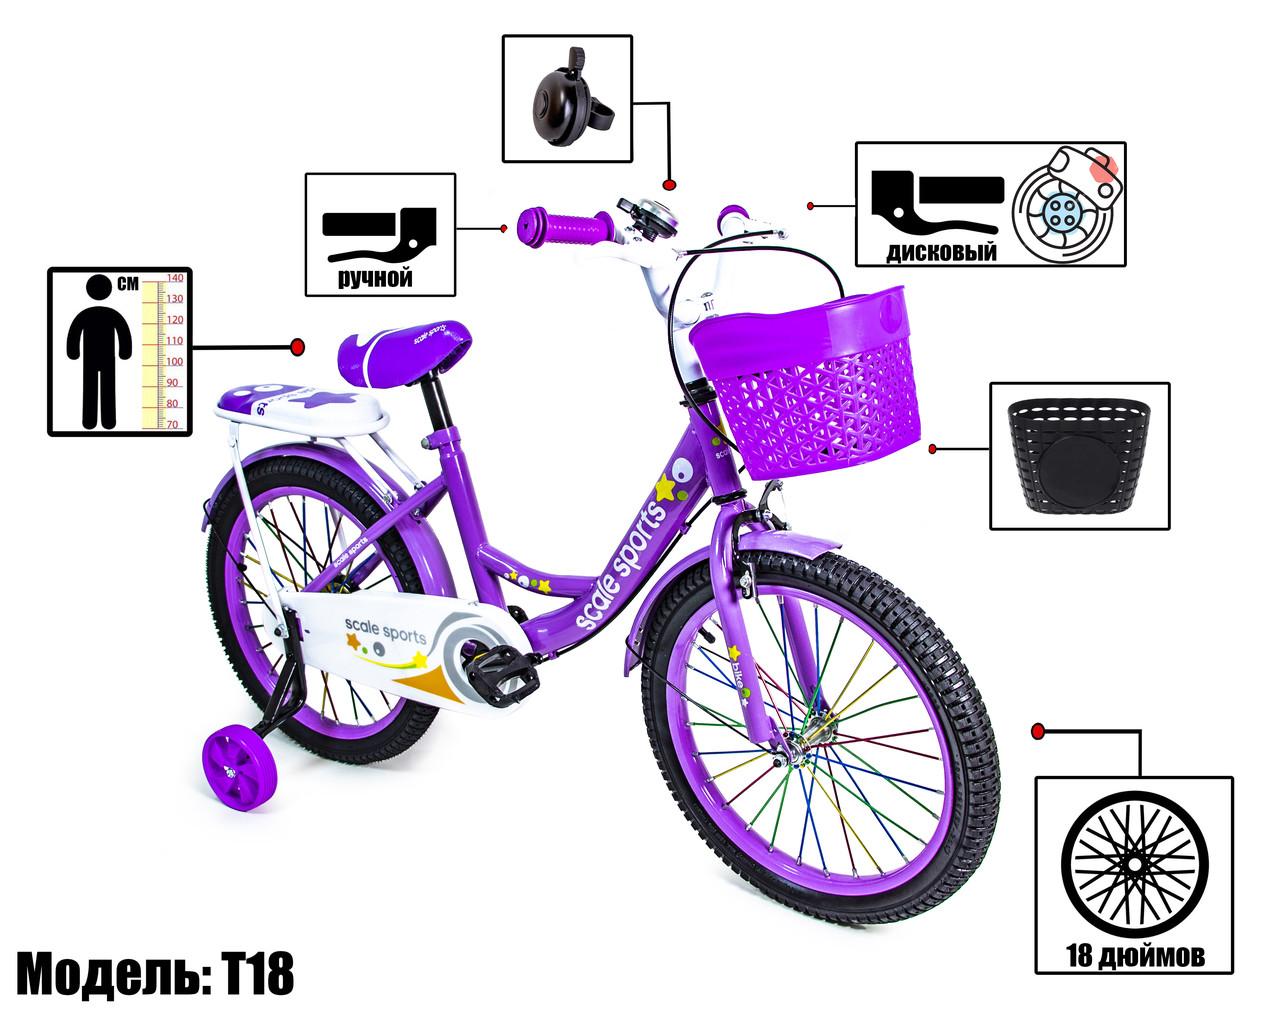 """Велосипед 18 """"Scale Sports"""" Фиолетовый T18, Ручной и Дисковый Тормоз"""